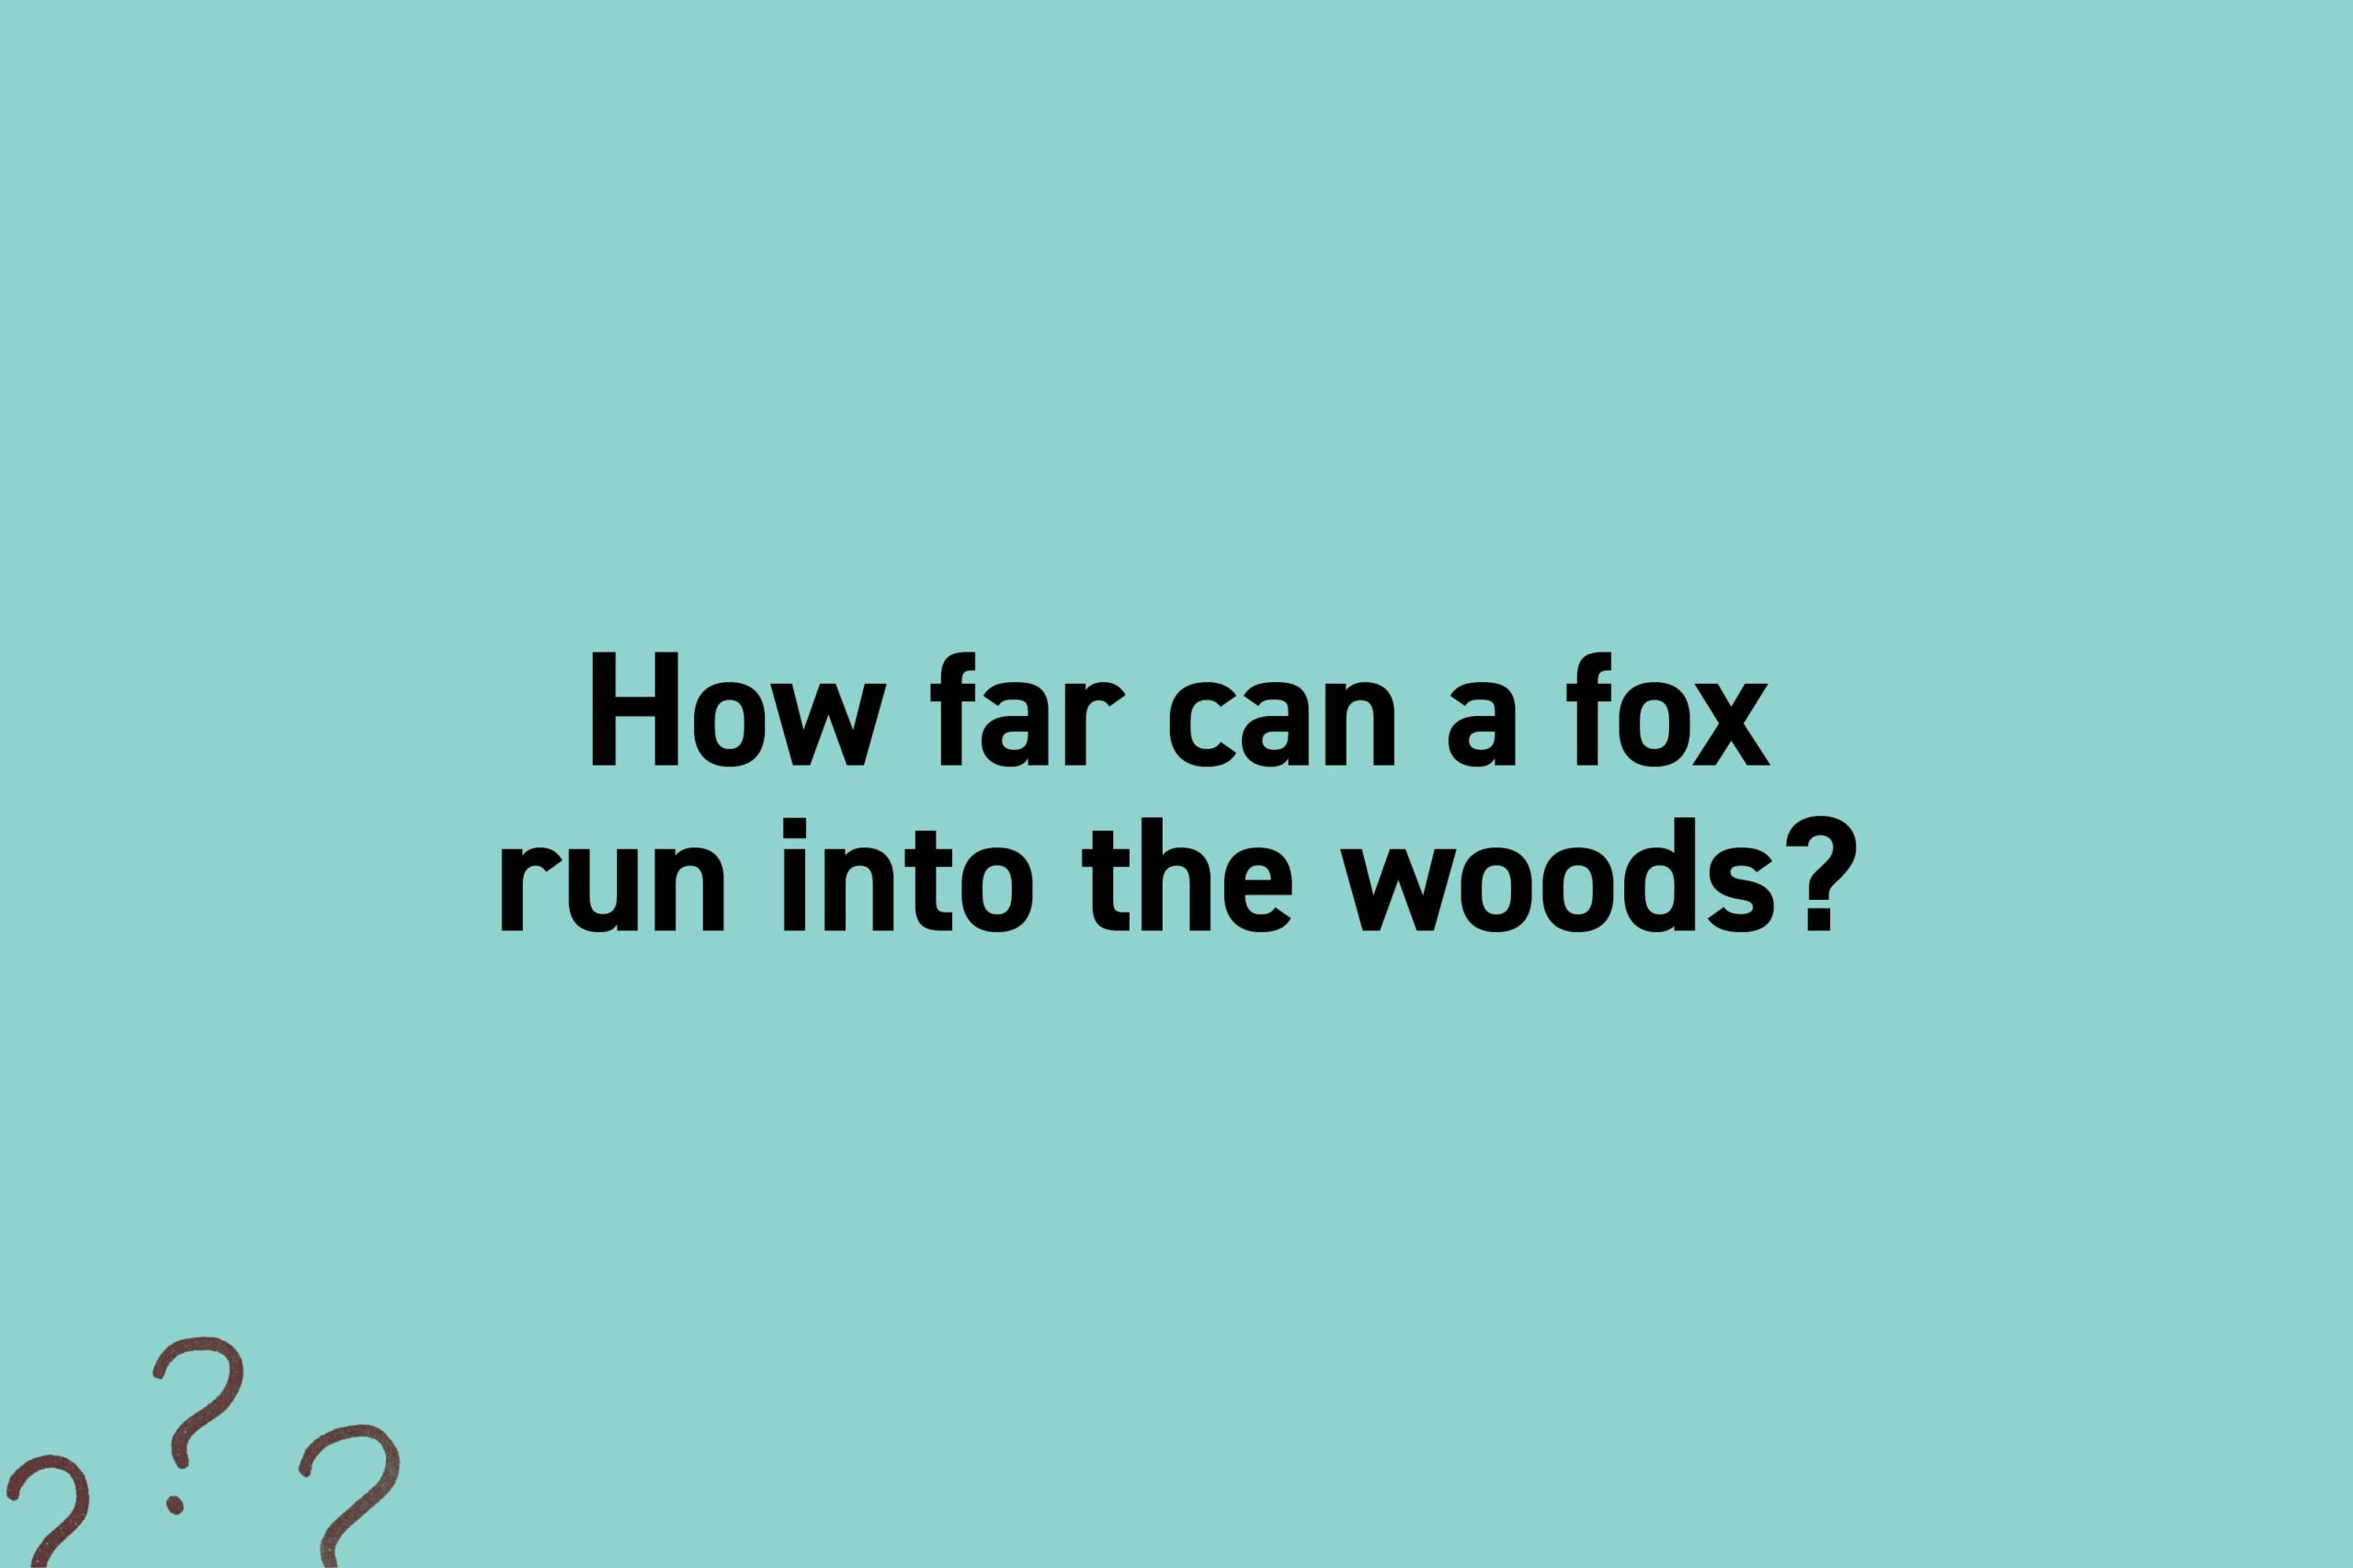 How far can a fox run into the woods?